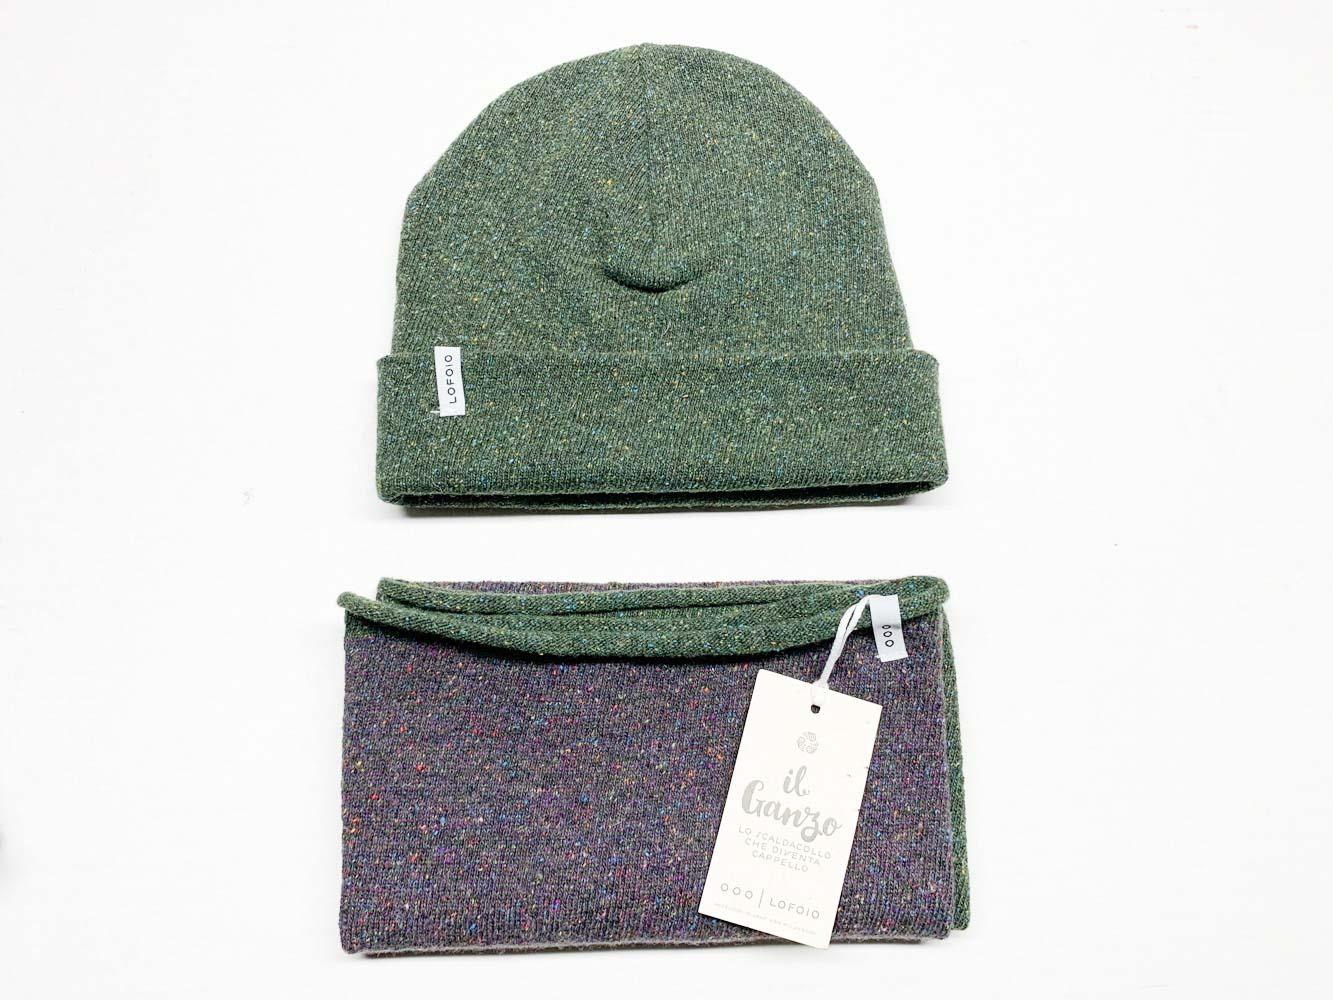 sciarpa e cappello in lana rigenerata LO FO IO